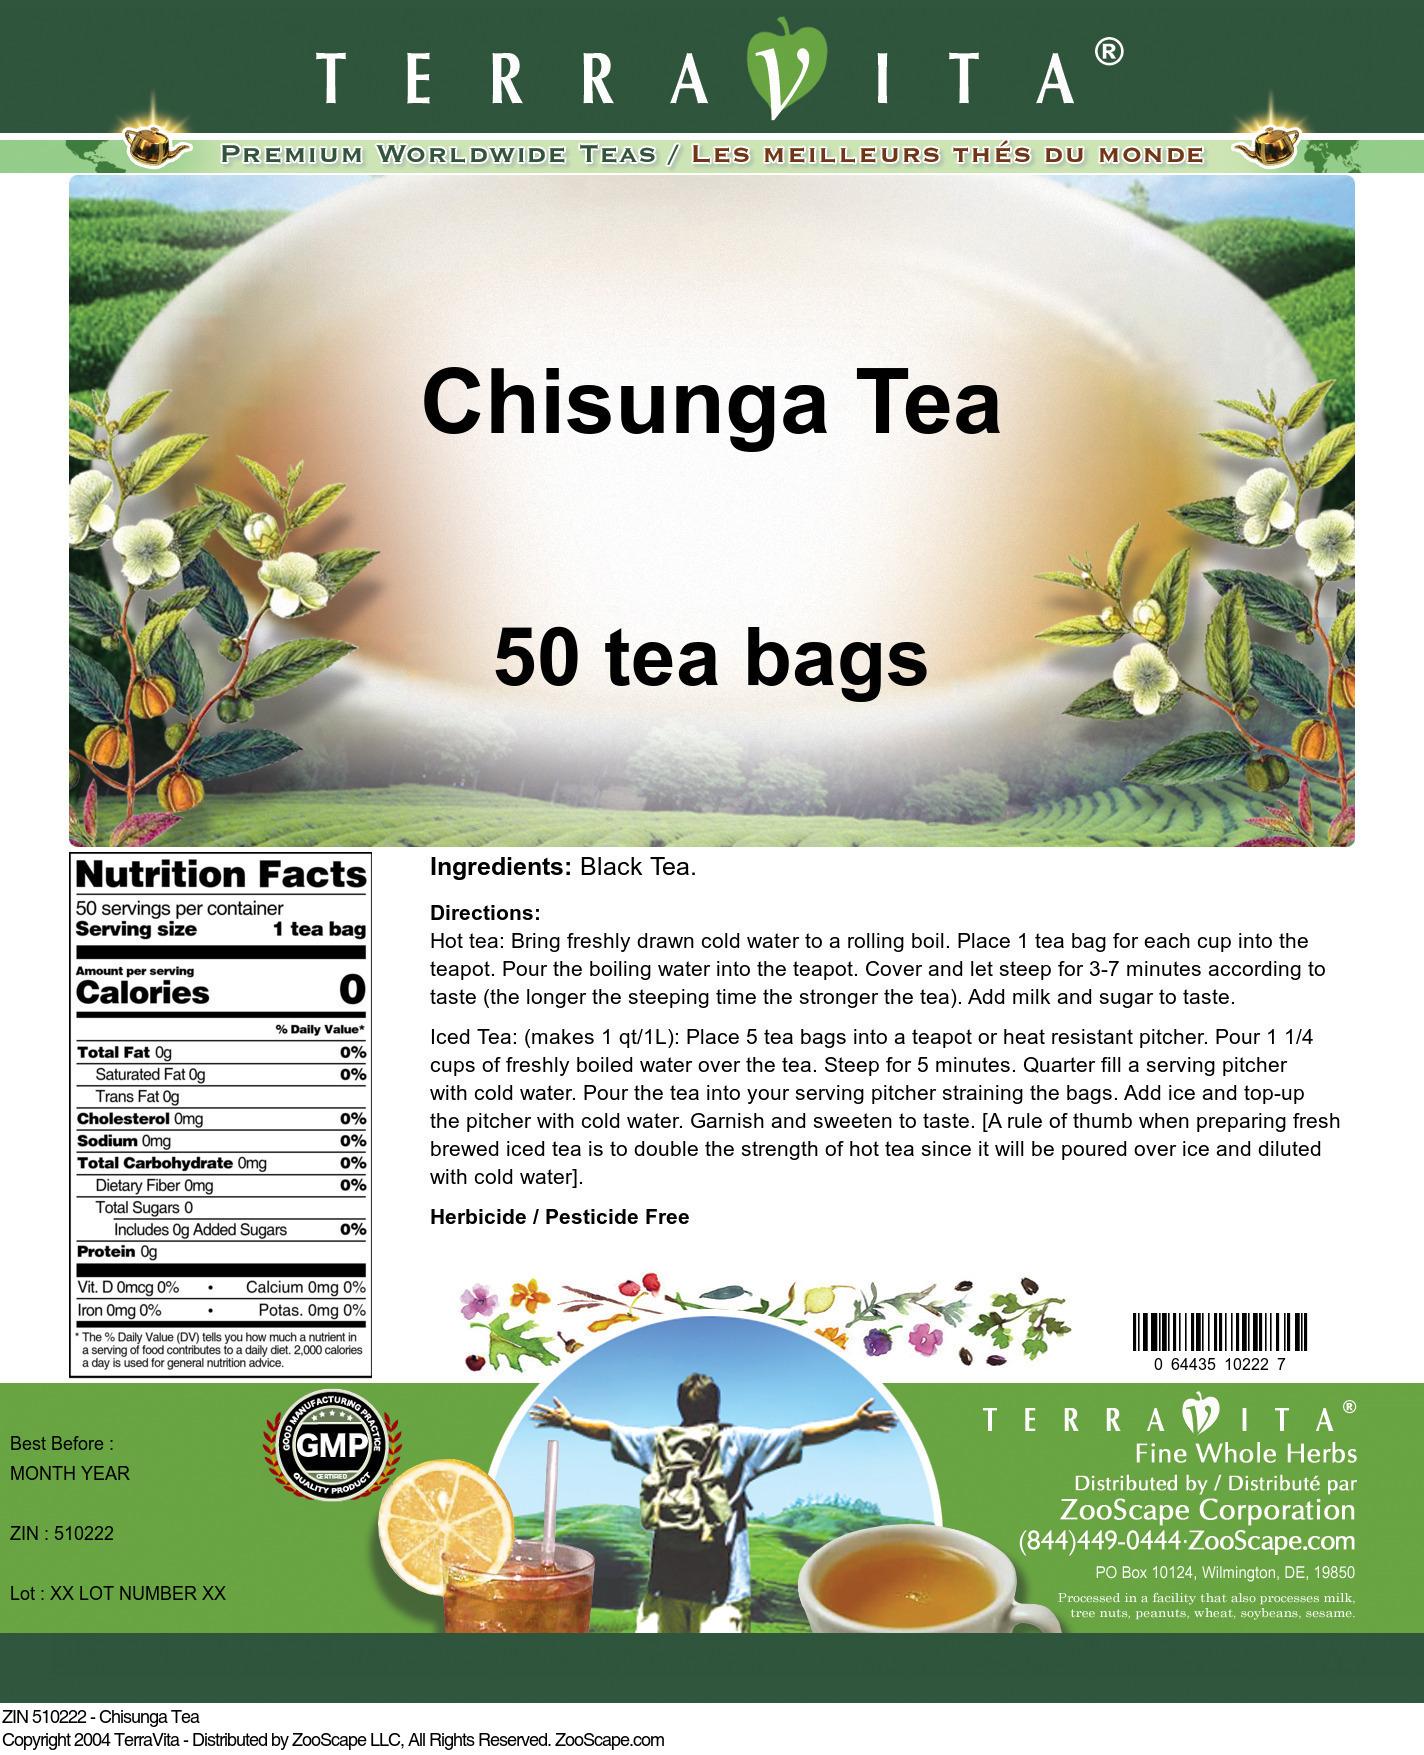 Chisunga Tea